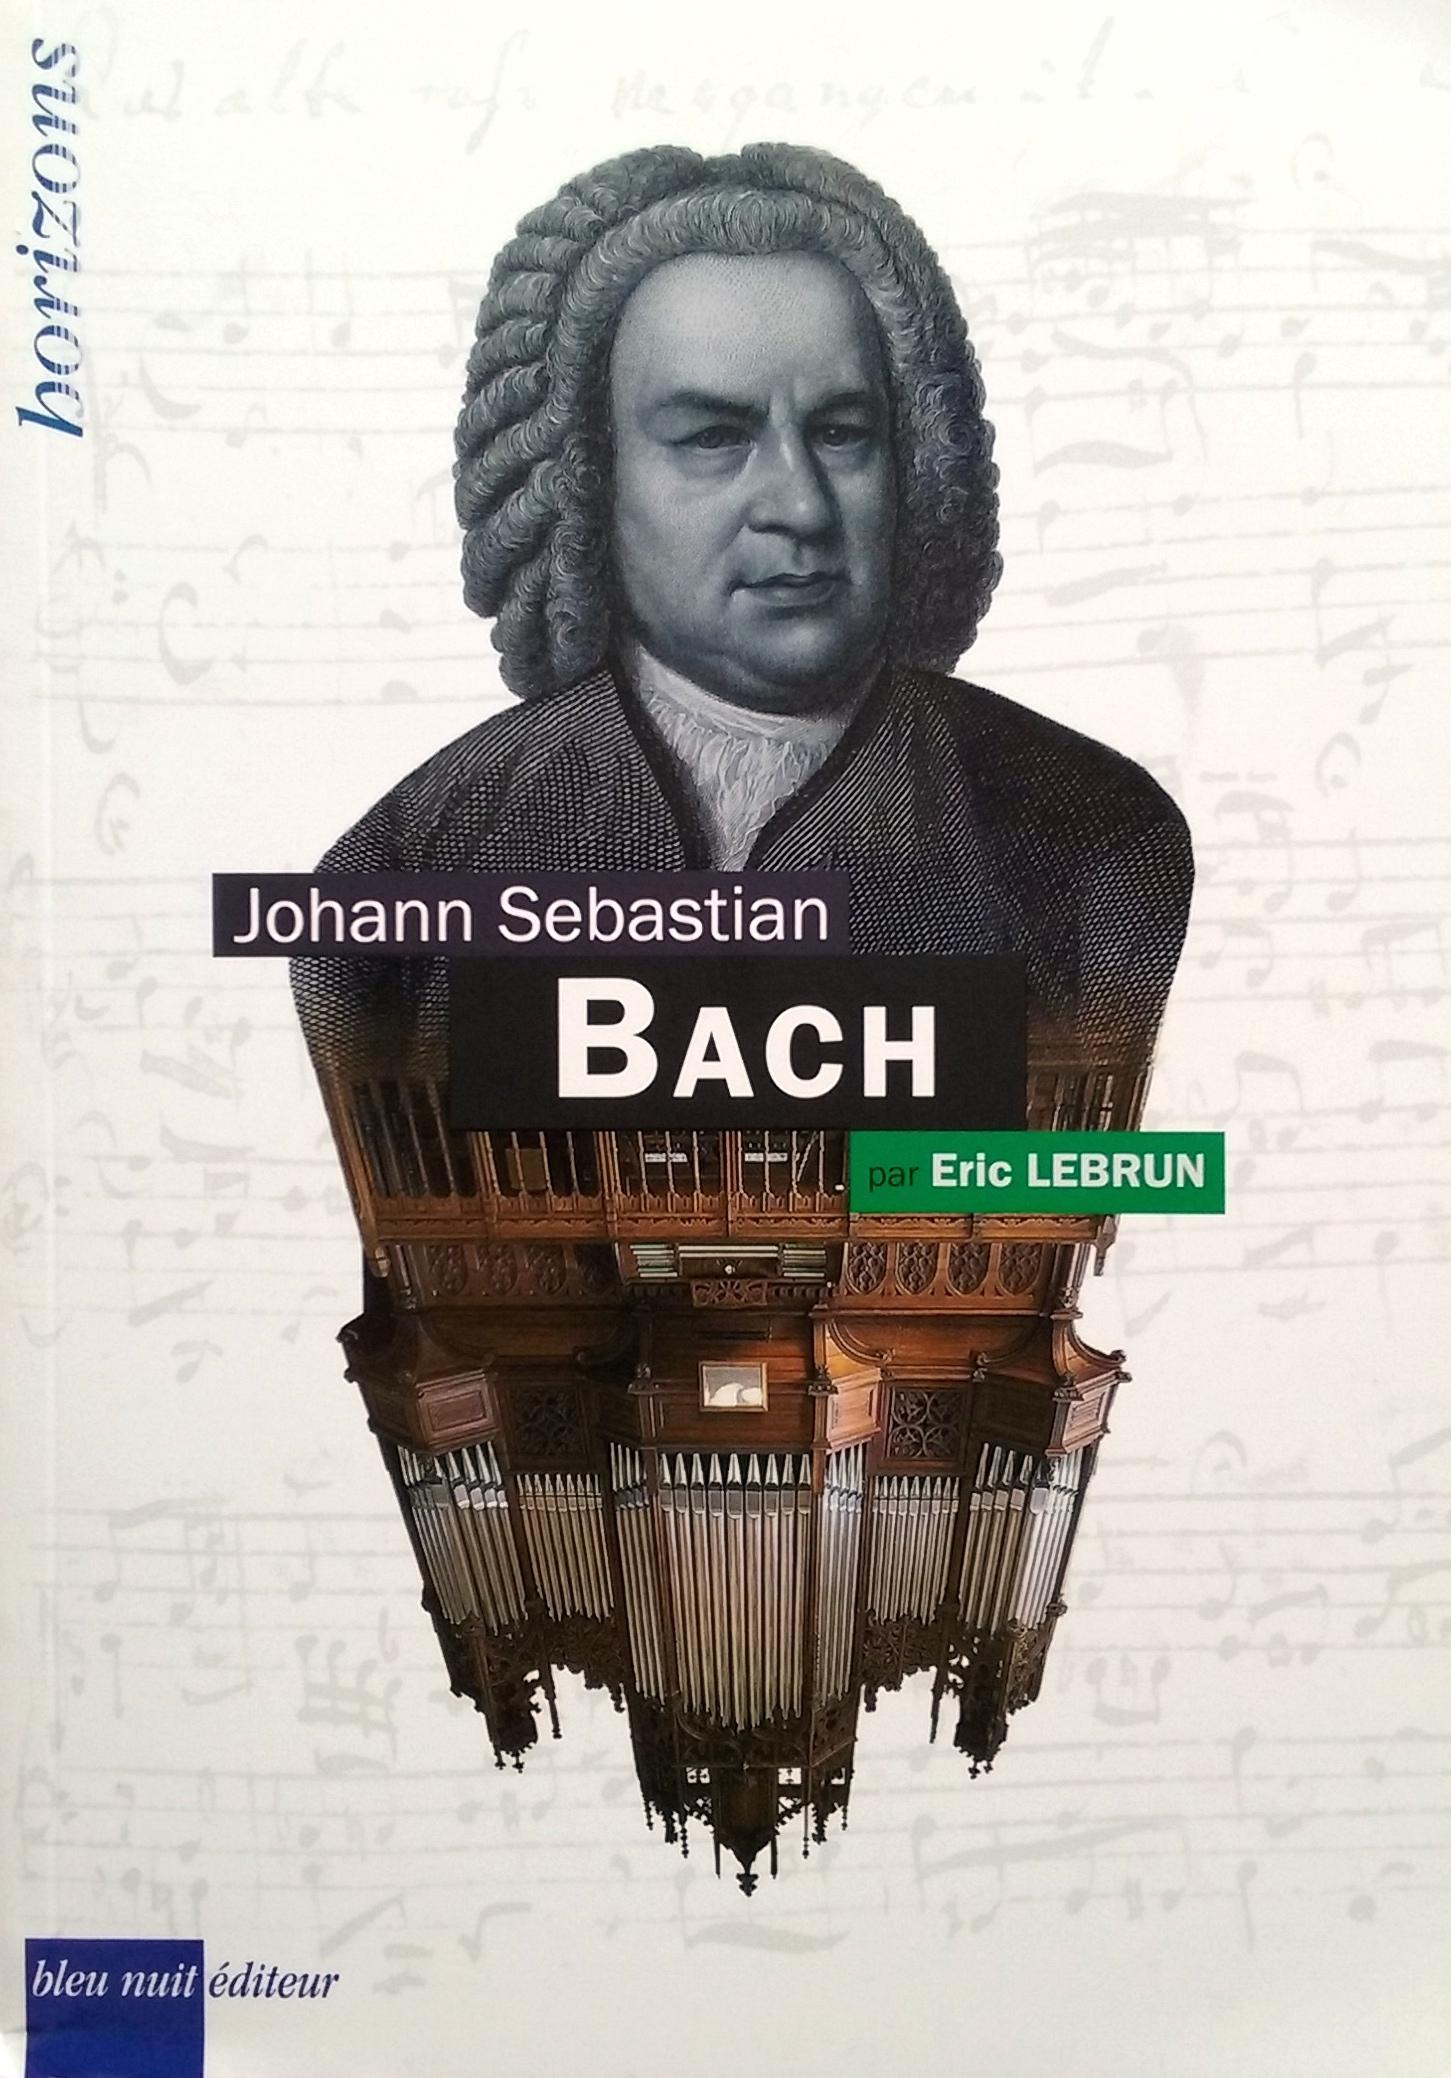 JS Bach par Eric Lebrun - Editions bleu nuit